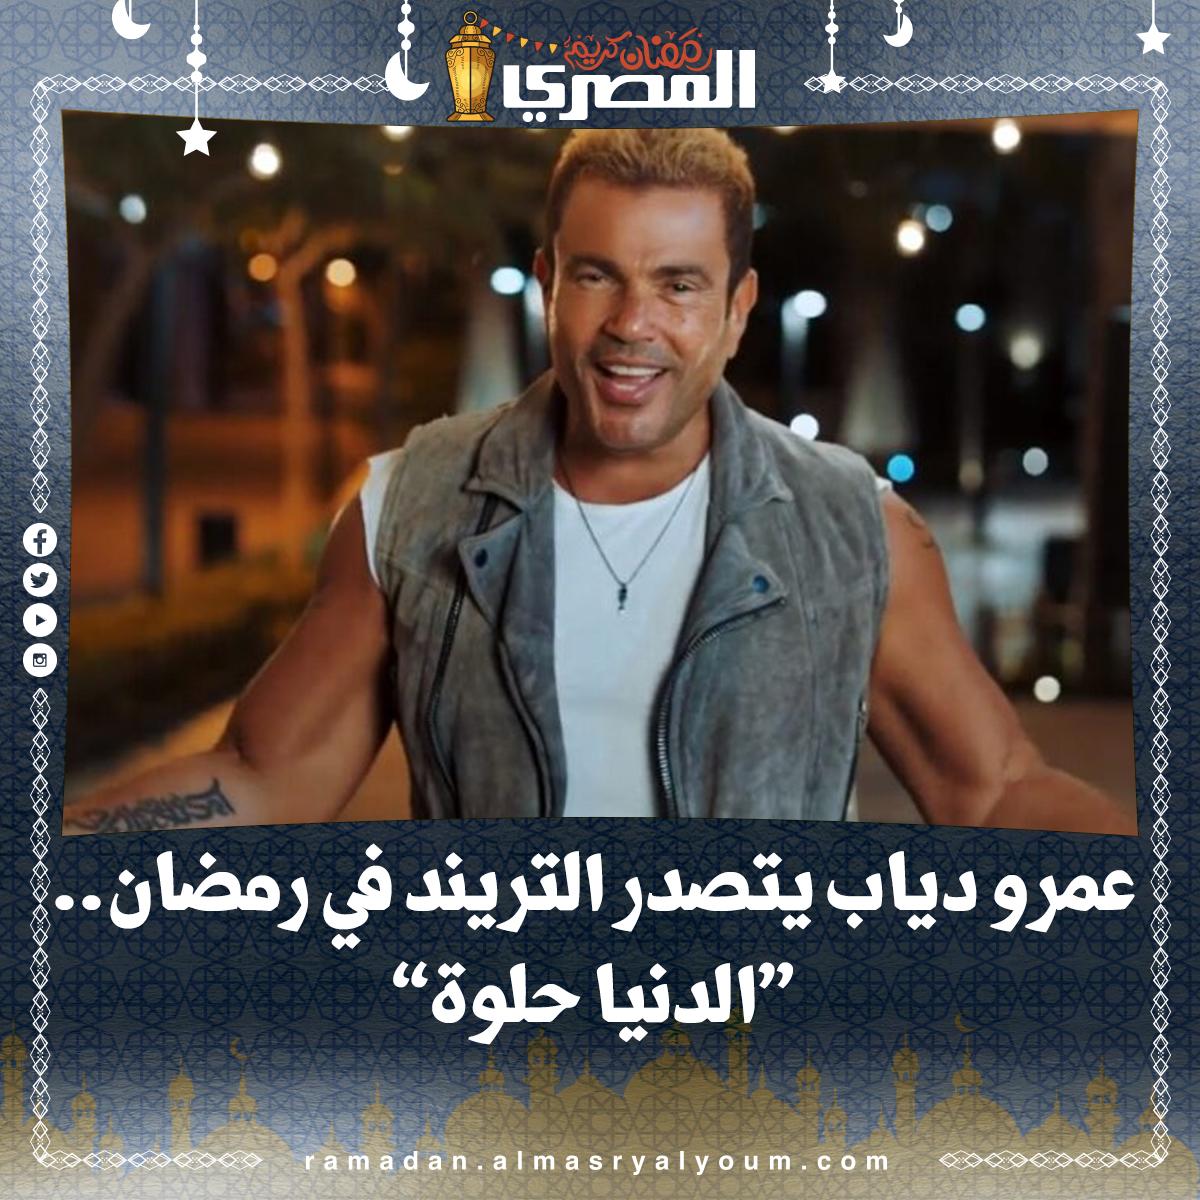 """عمرو دياب يتصدر التريند في رمضان.. """" الدنيا حلوة"""""""